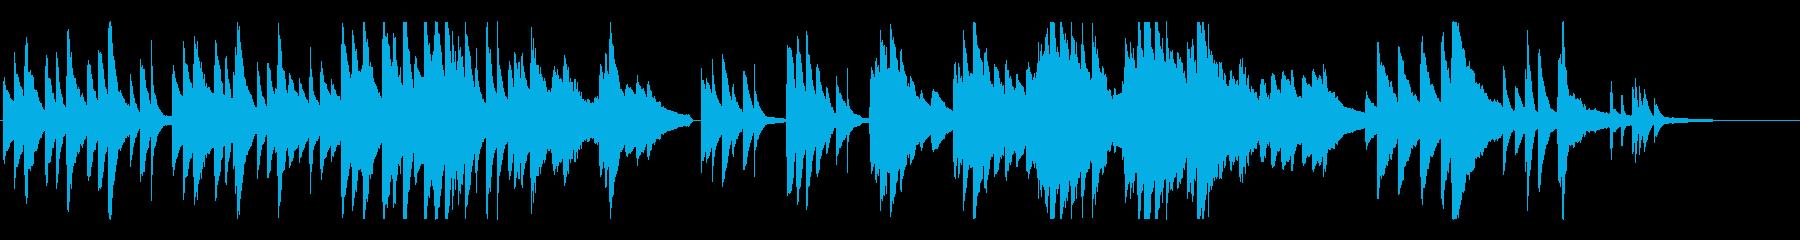 ピアノソロの切ないBGMの再生済みの波形